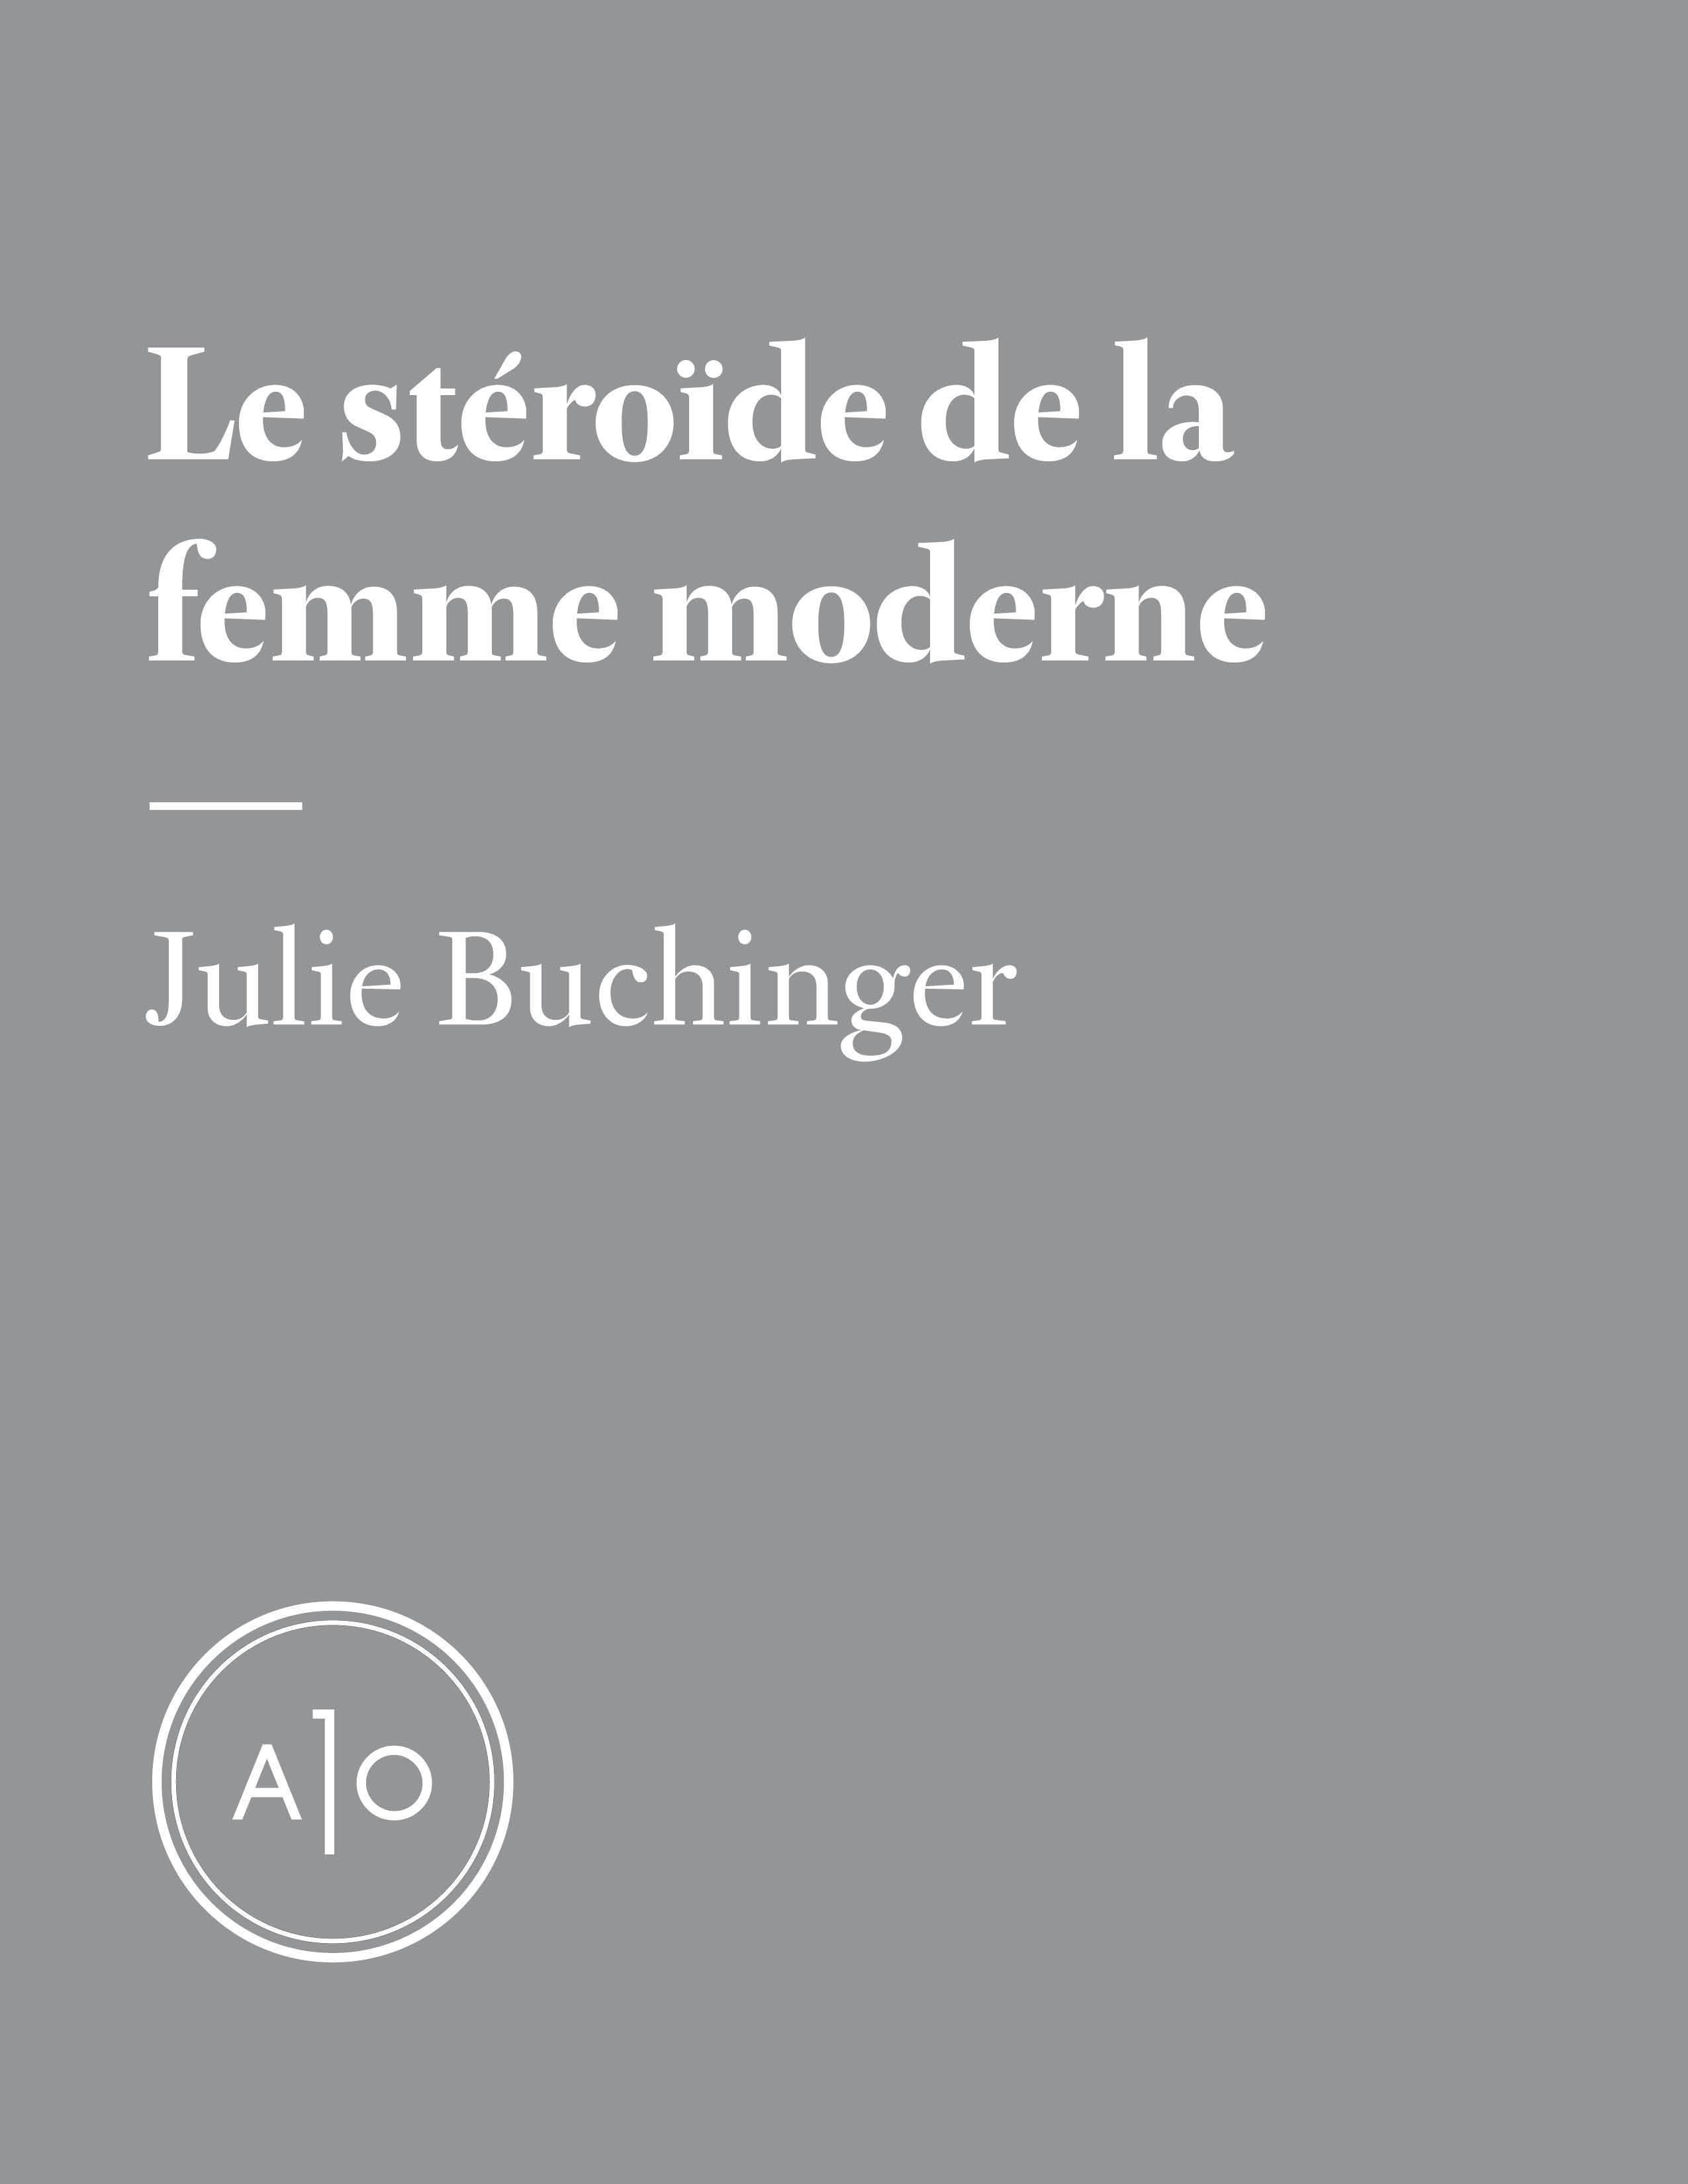 Le stéroïde de la femme mod...